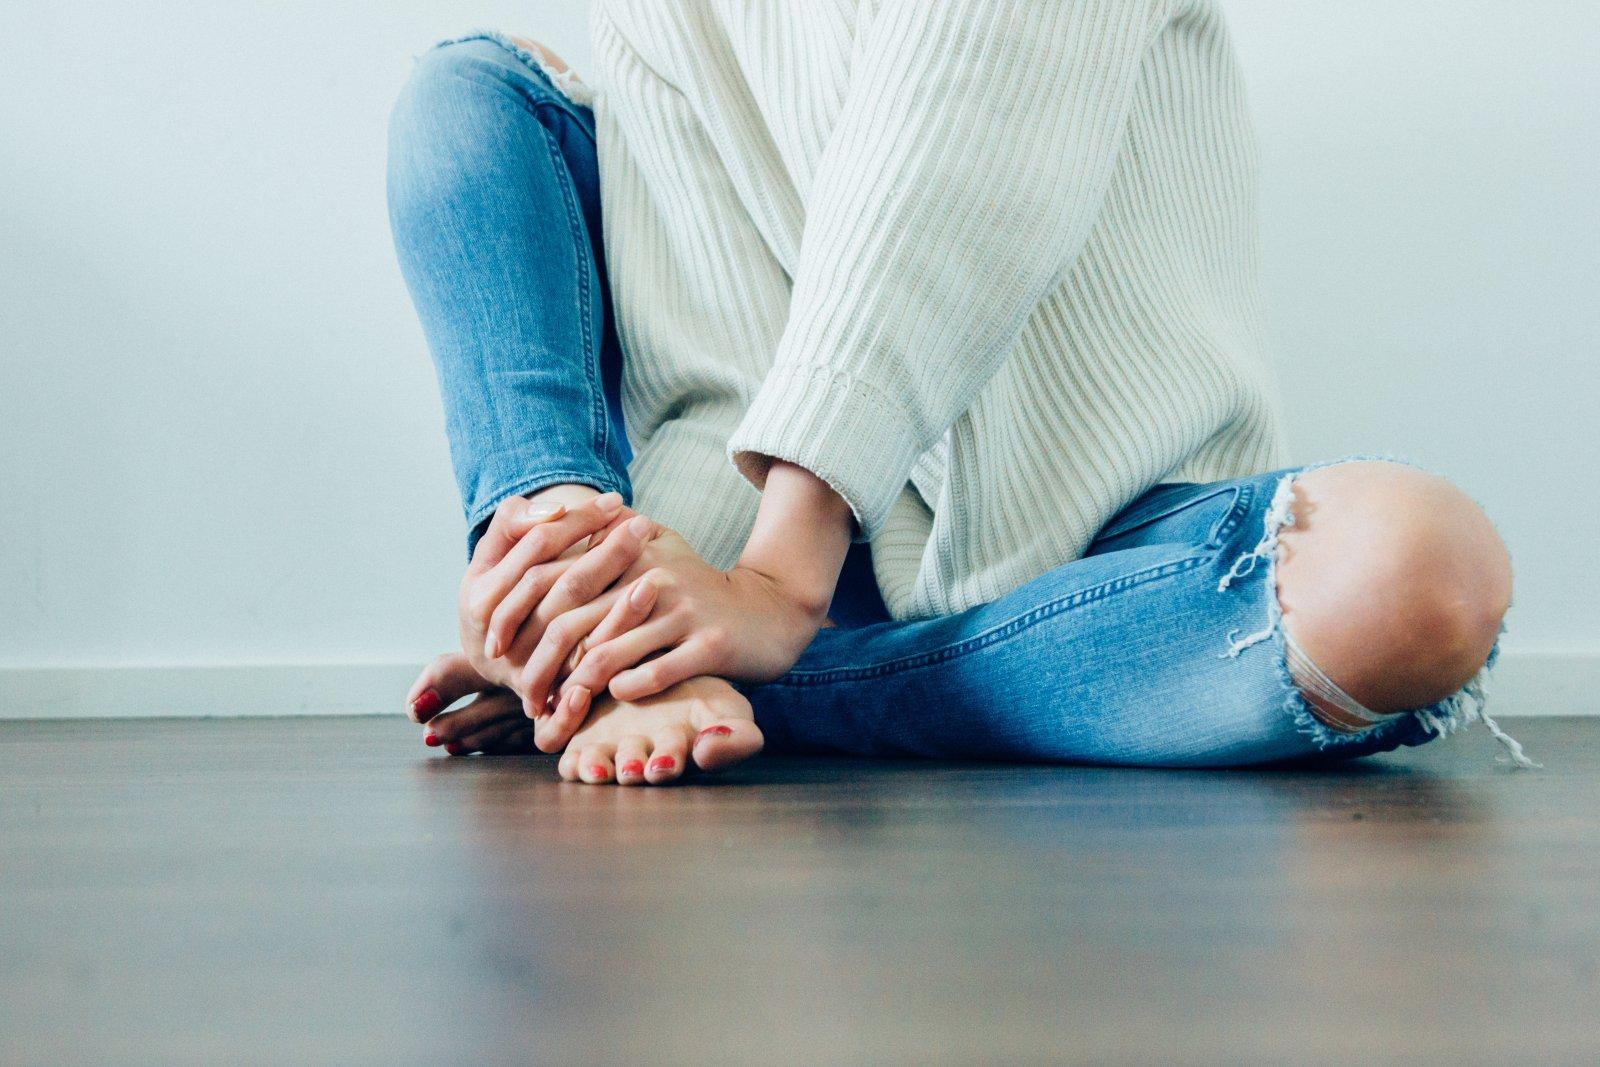 Kellele kasitseda artriit kaed tuimus valu liigestes